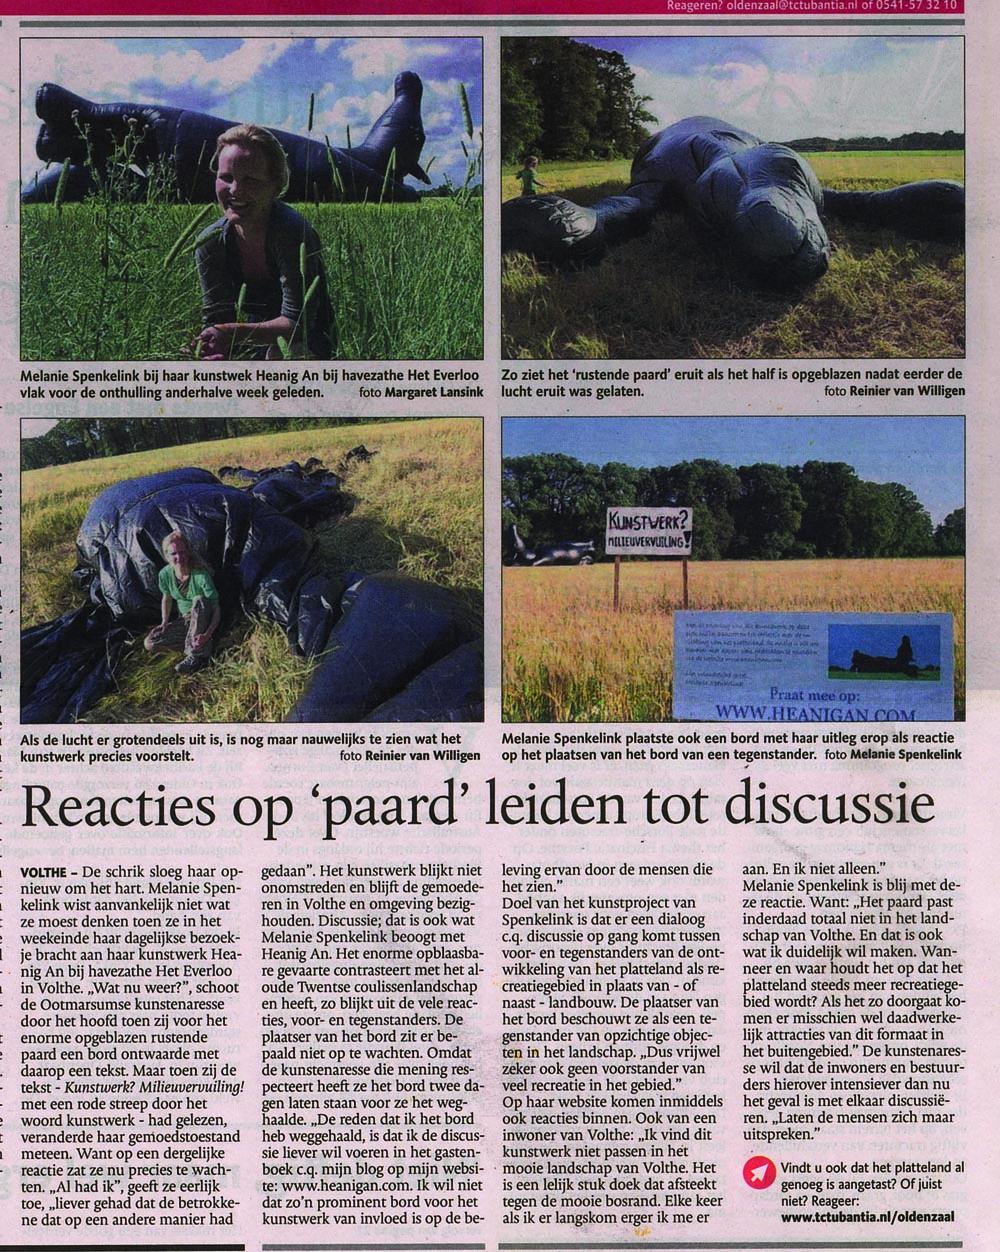 Reacties_op_paard_leiden_tot_discussie_4aug2010_TCTubantia